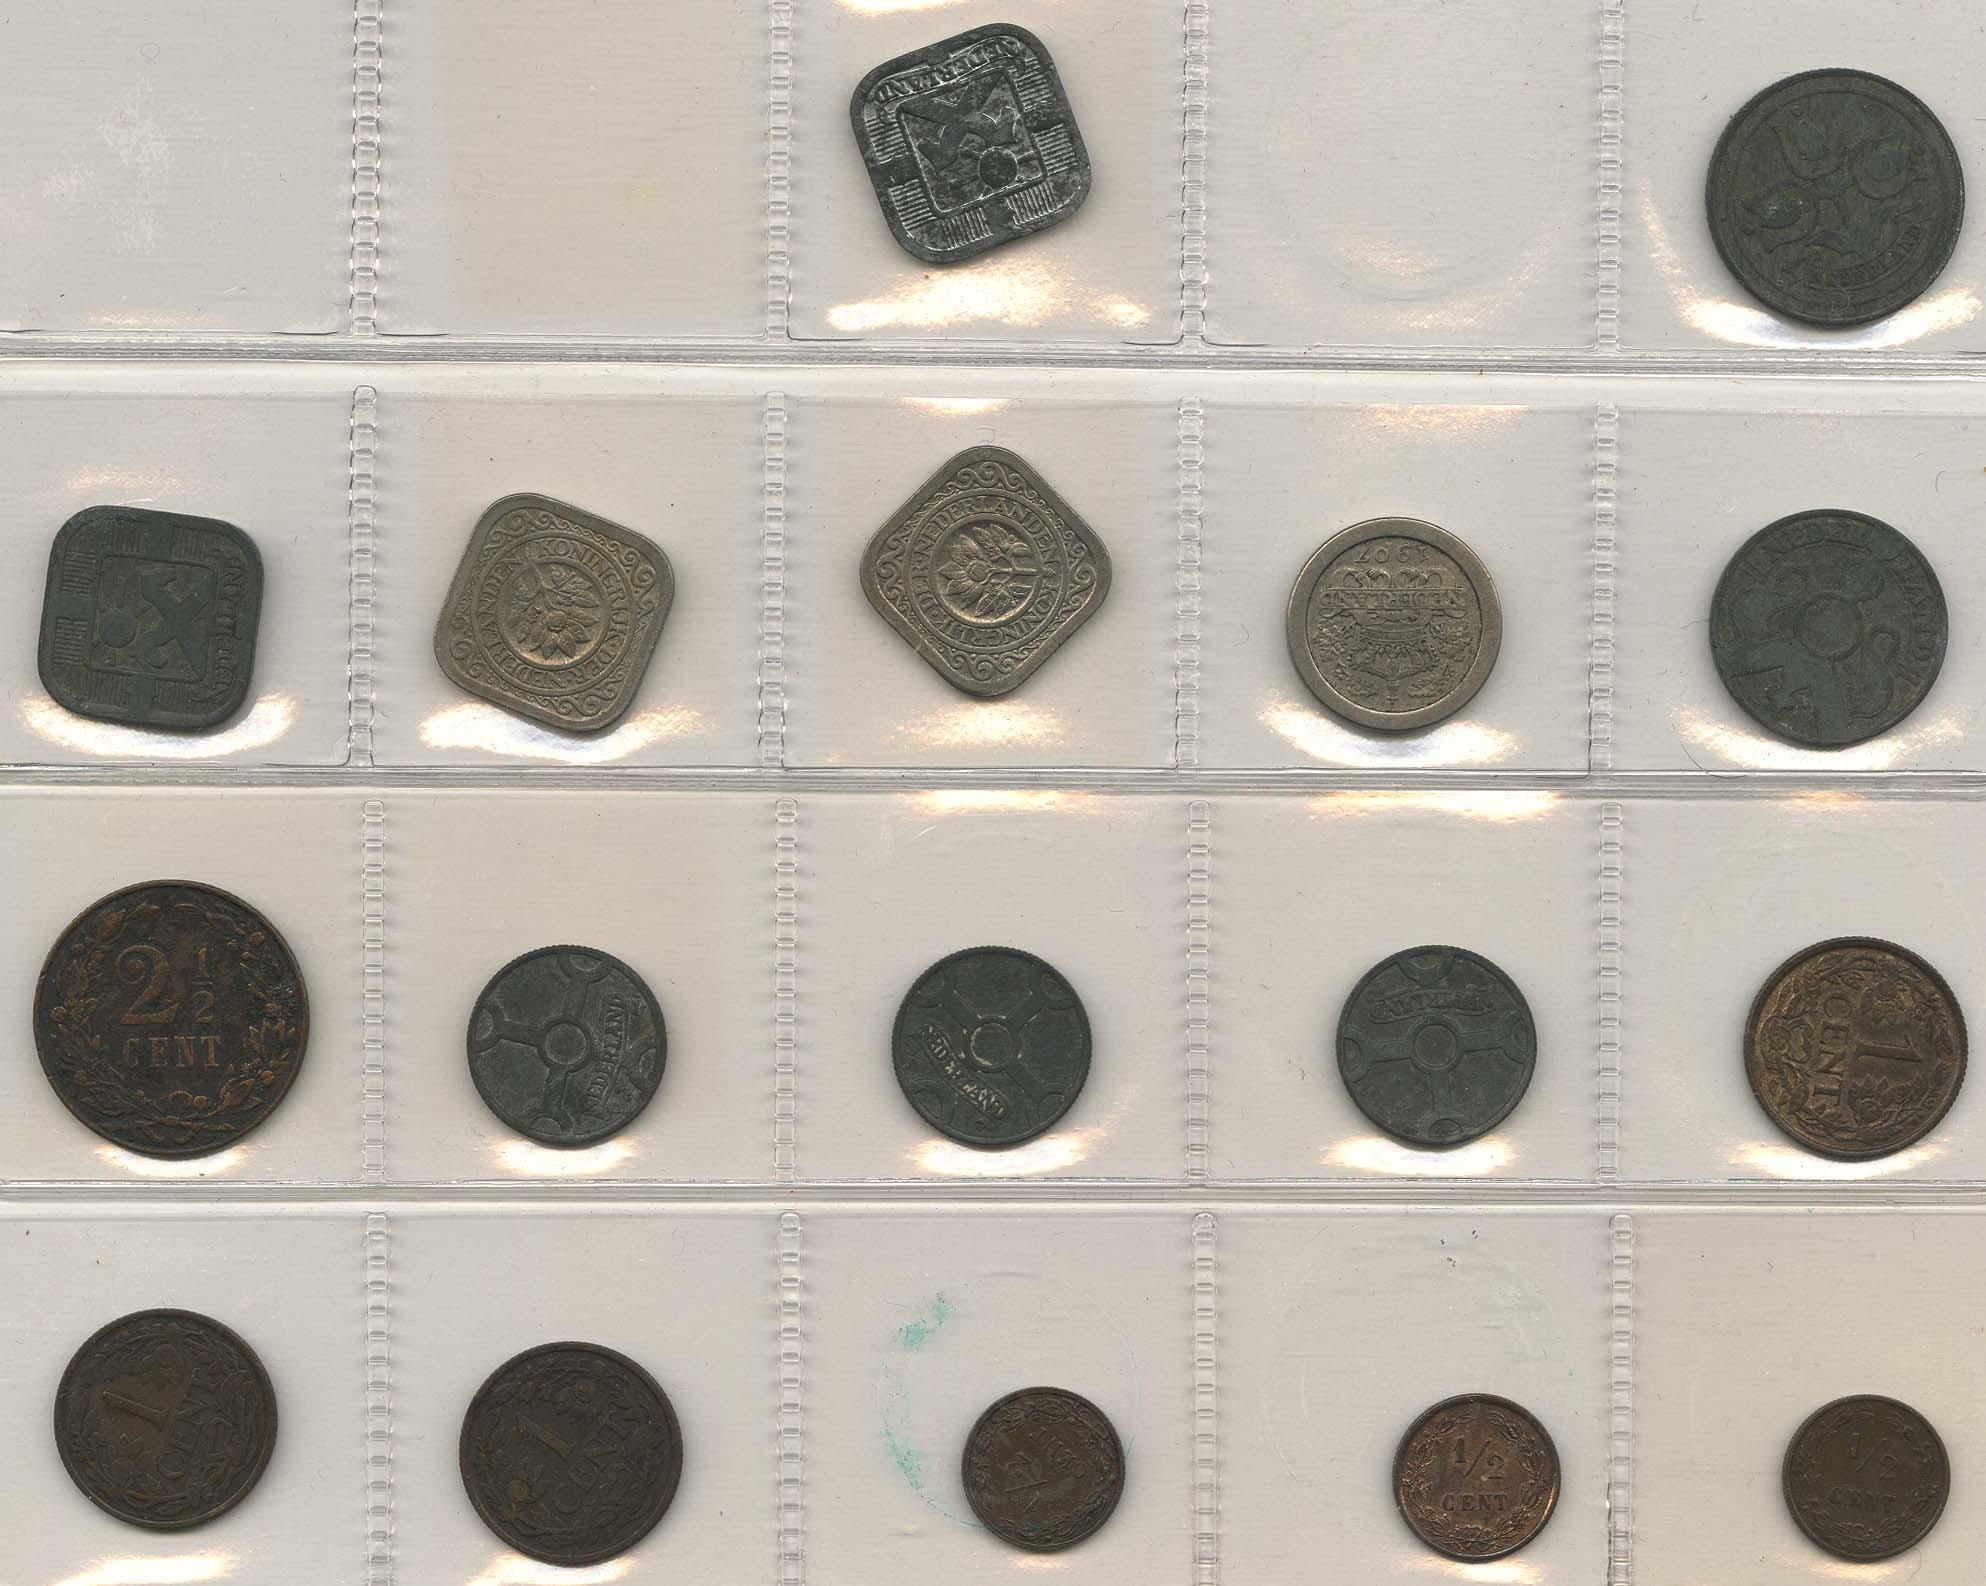 Lot 9306 - sammlungen Europa ab 1800 - Niederlande -  Auktionshaus Ulrich Felzmann GmbH & Co. KG Coins single lots